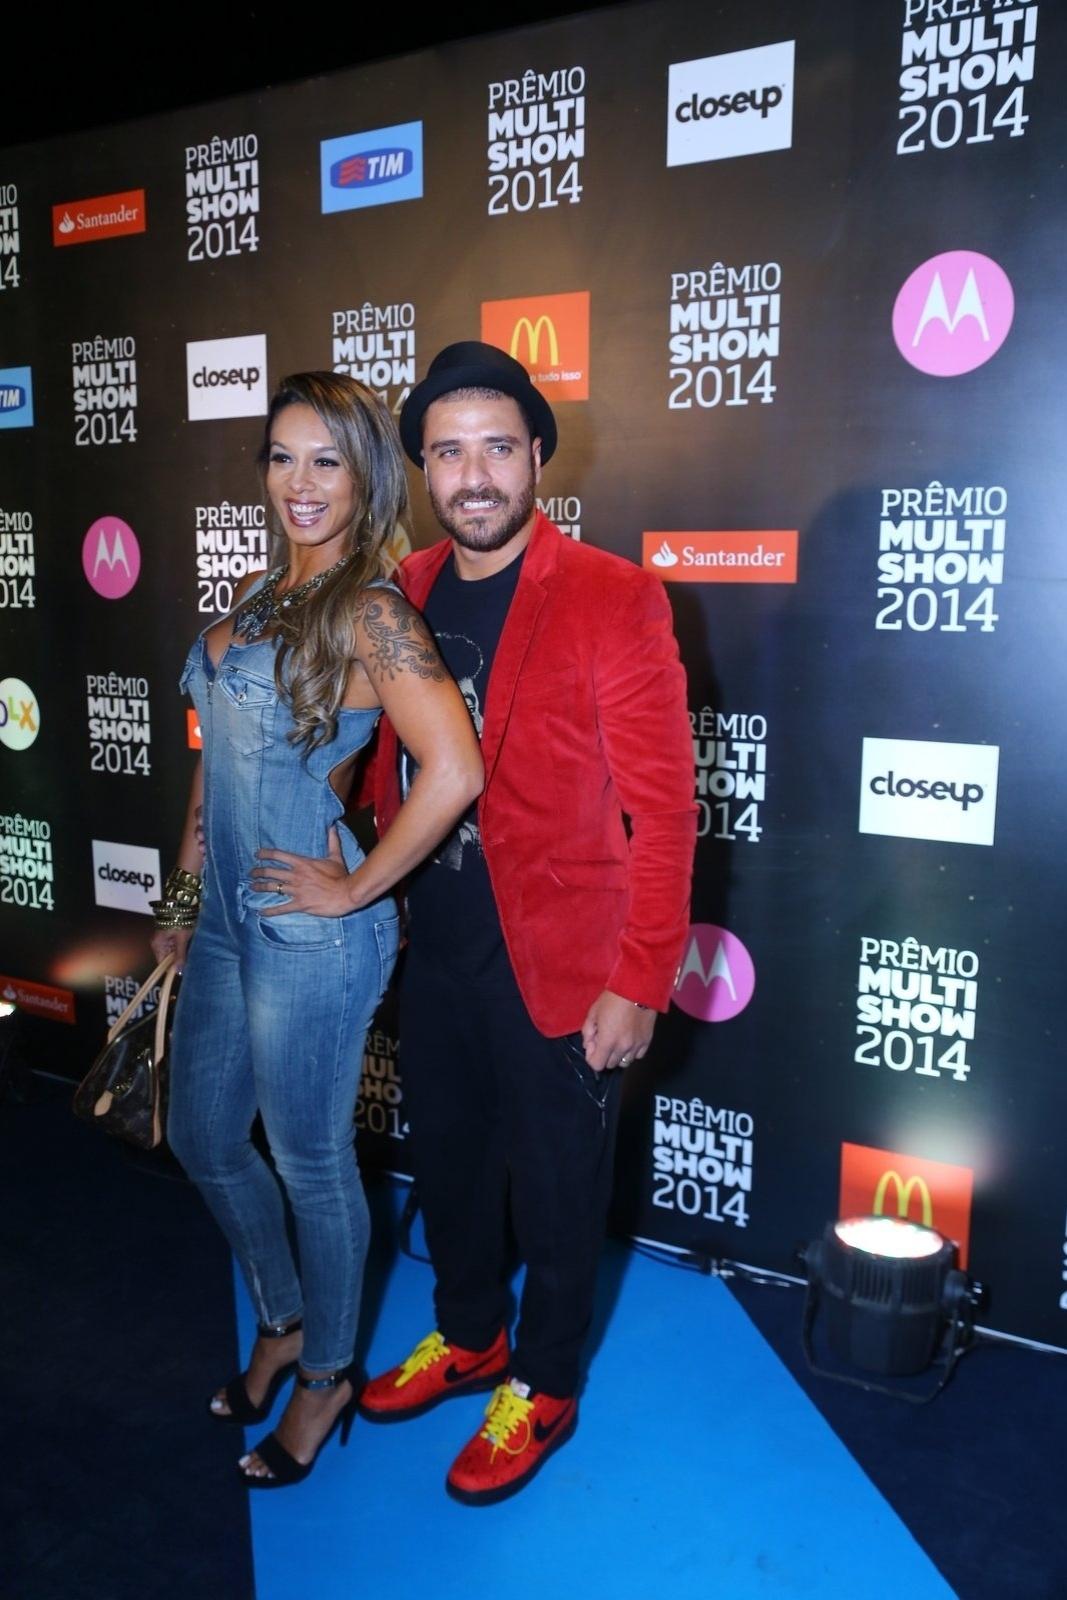 28.out.2014 - Diogo Nogueira e sua mulher, Milena, vão à 21ª edição do Prêmio Multishow 2014 na Arena da Barra, zona oeste do Rio de Janeiro, na noite desta terça-feira